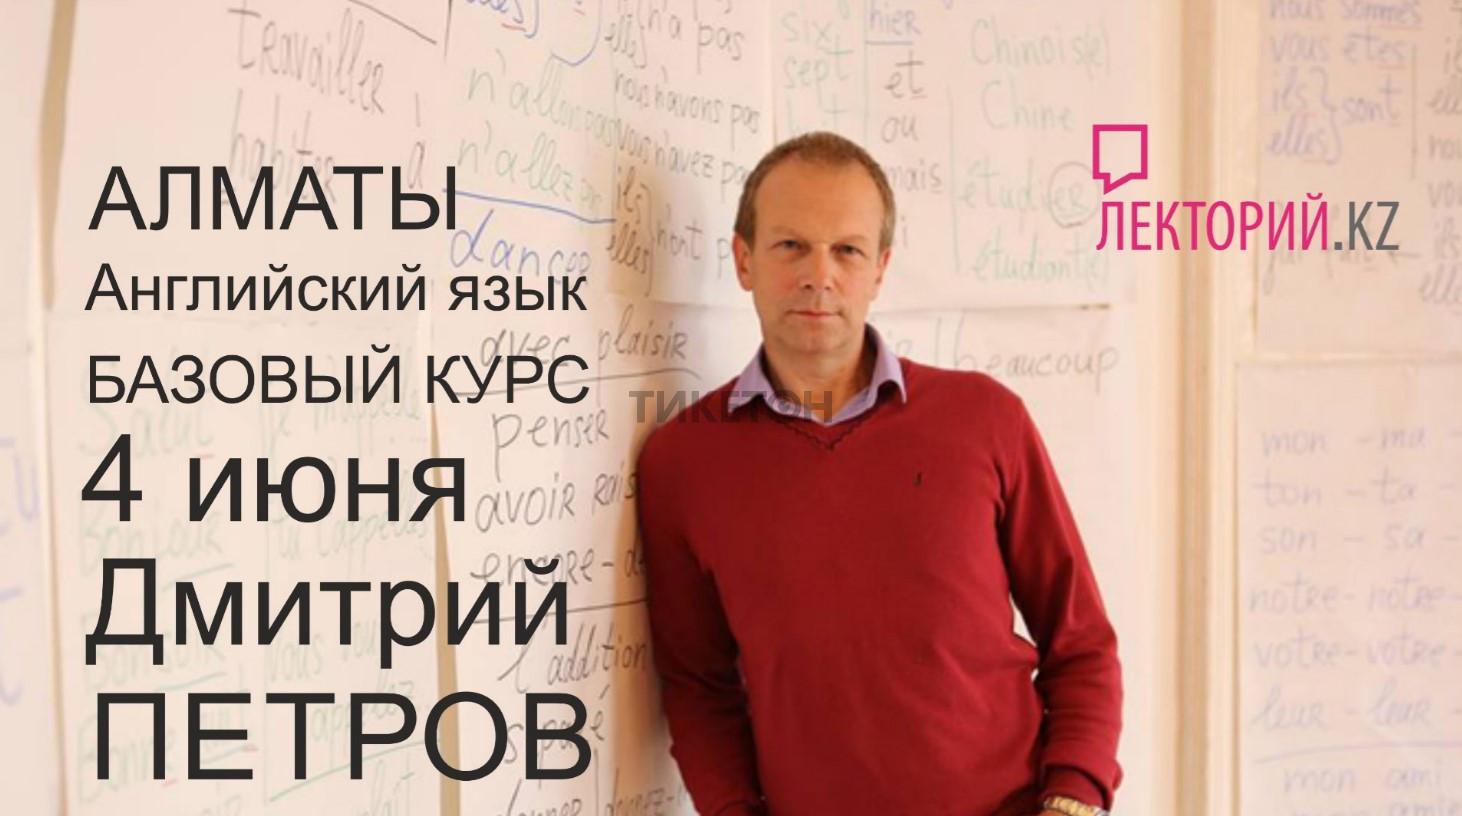 Дмитрий Петров в Алматы, Базовый Курс Английский язык